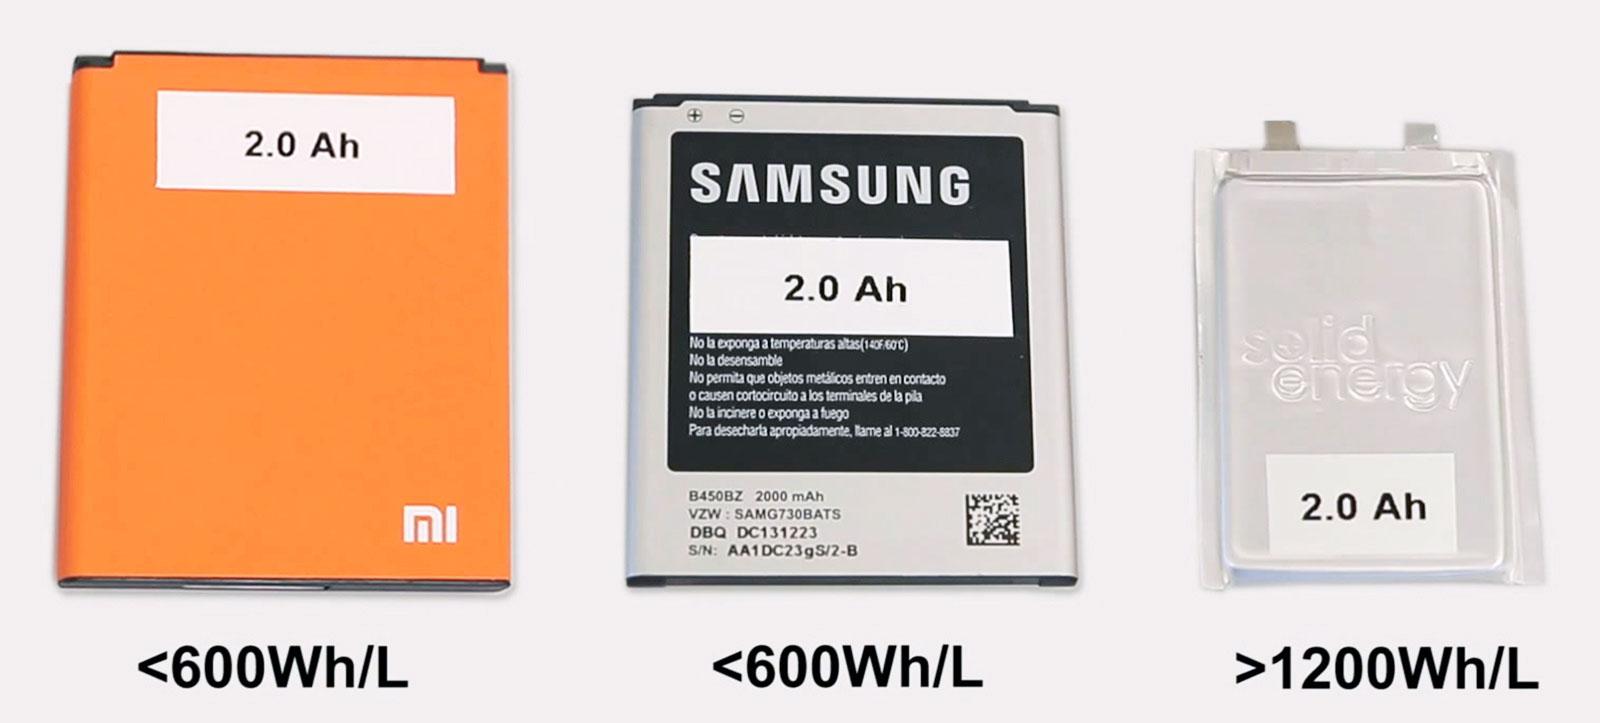 سال آینده ظرفیت باتری گوشی های هوشمند دوبرابر می شود